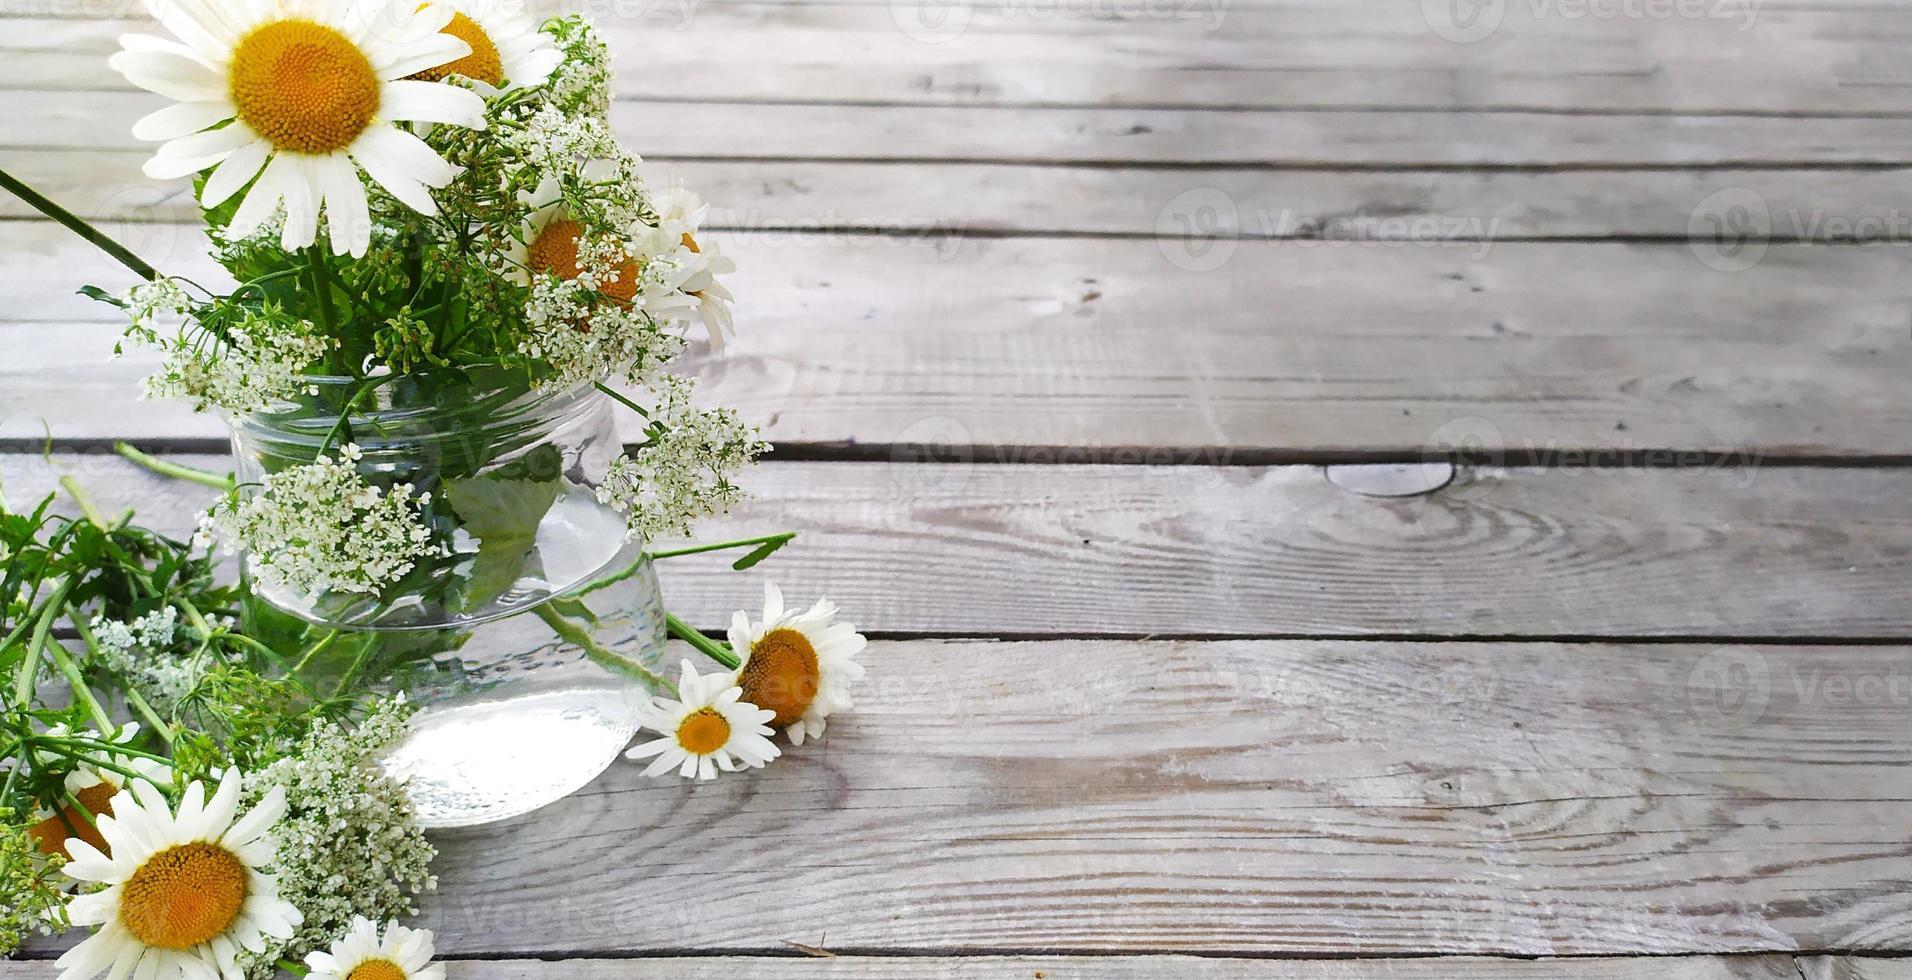 bouquet de marguerites. camomille de fleurs sauvages se tient dans un vase. fond en bois, vue de dessus. photo